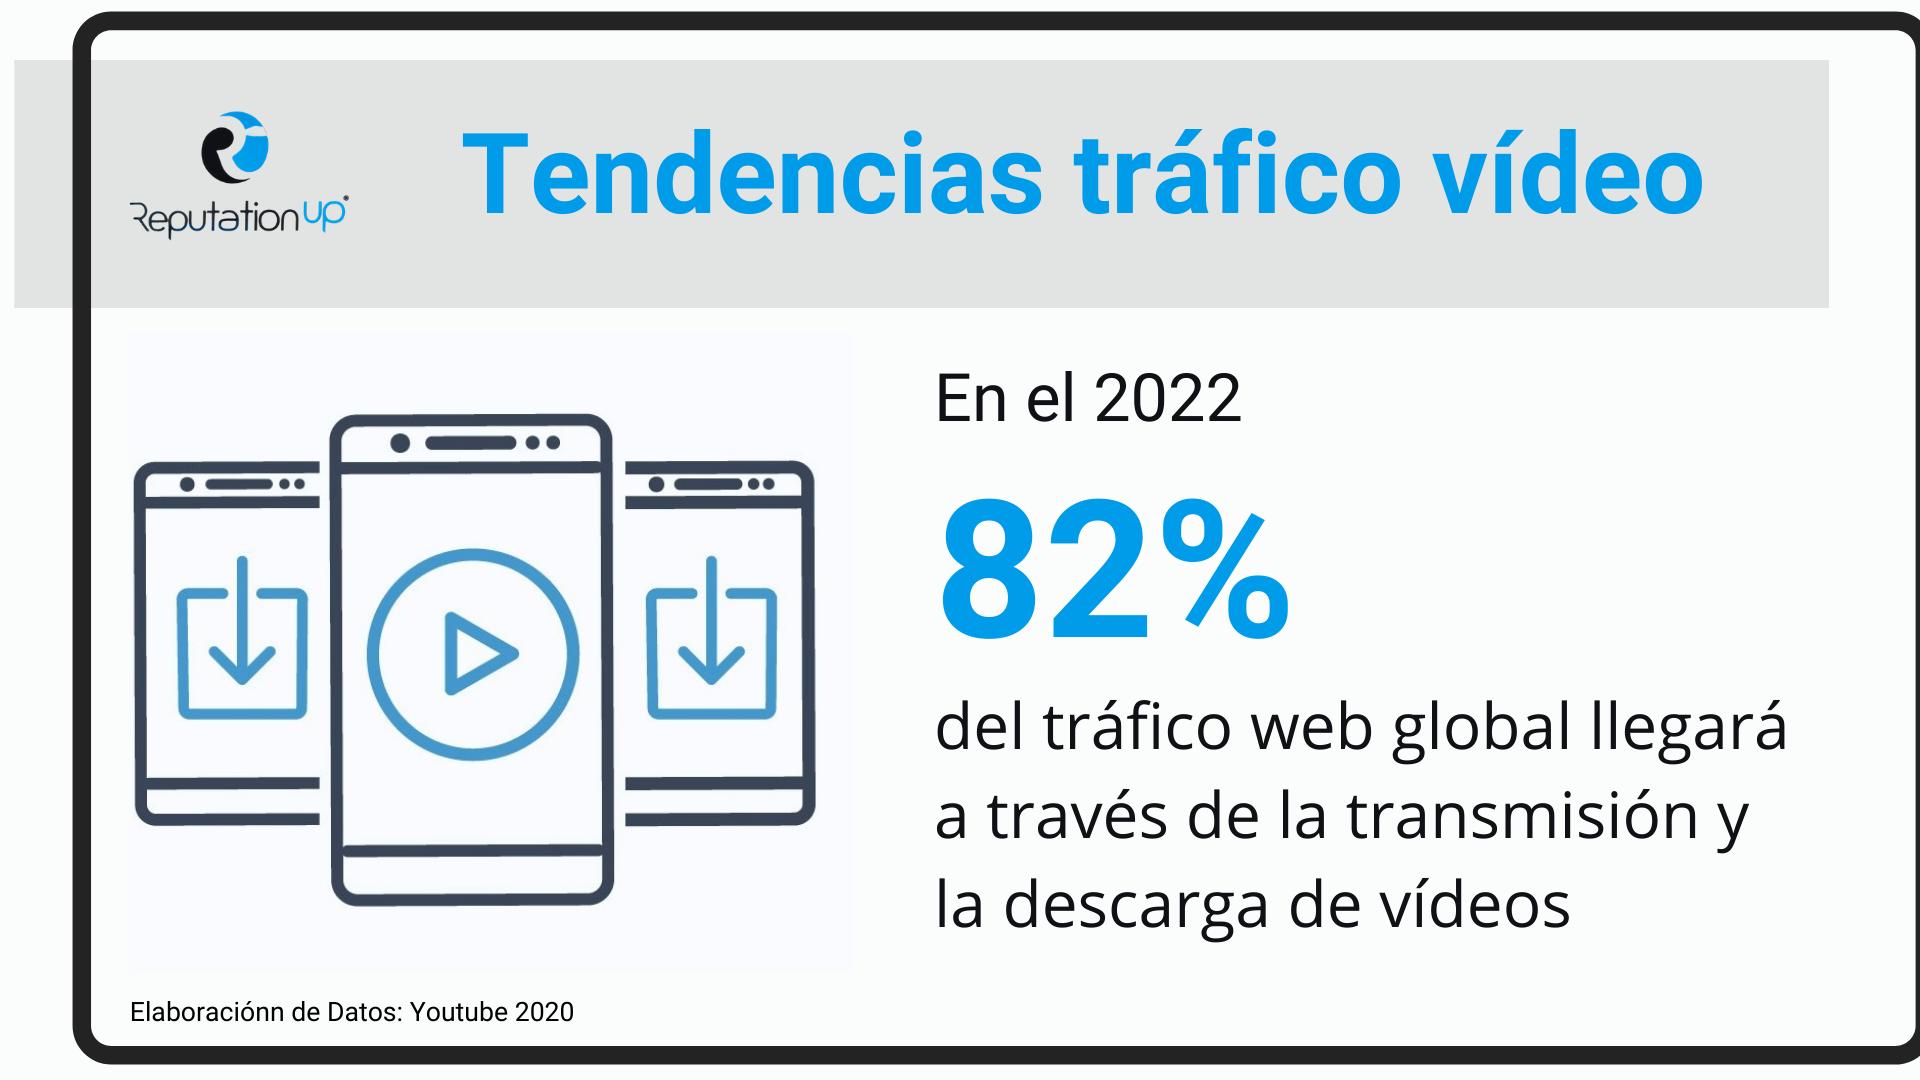 En 2022, el 82% del tráfico web provendrá de la transmisión y descarga de vídeos